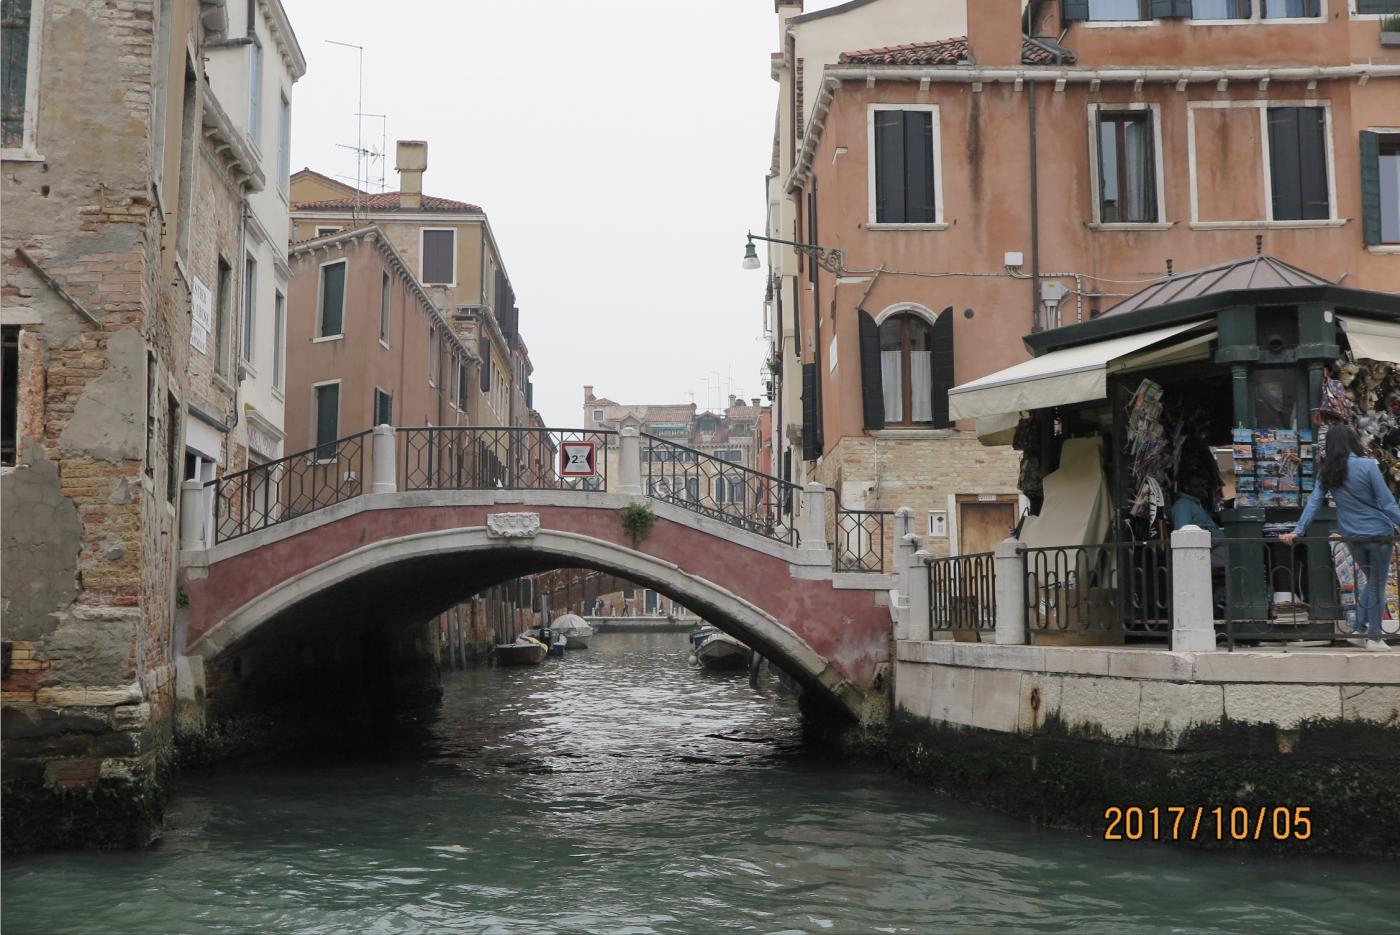 水乡威尼斯:无限的魅力永久的回忆_图1-49